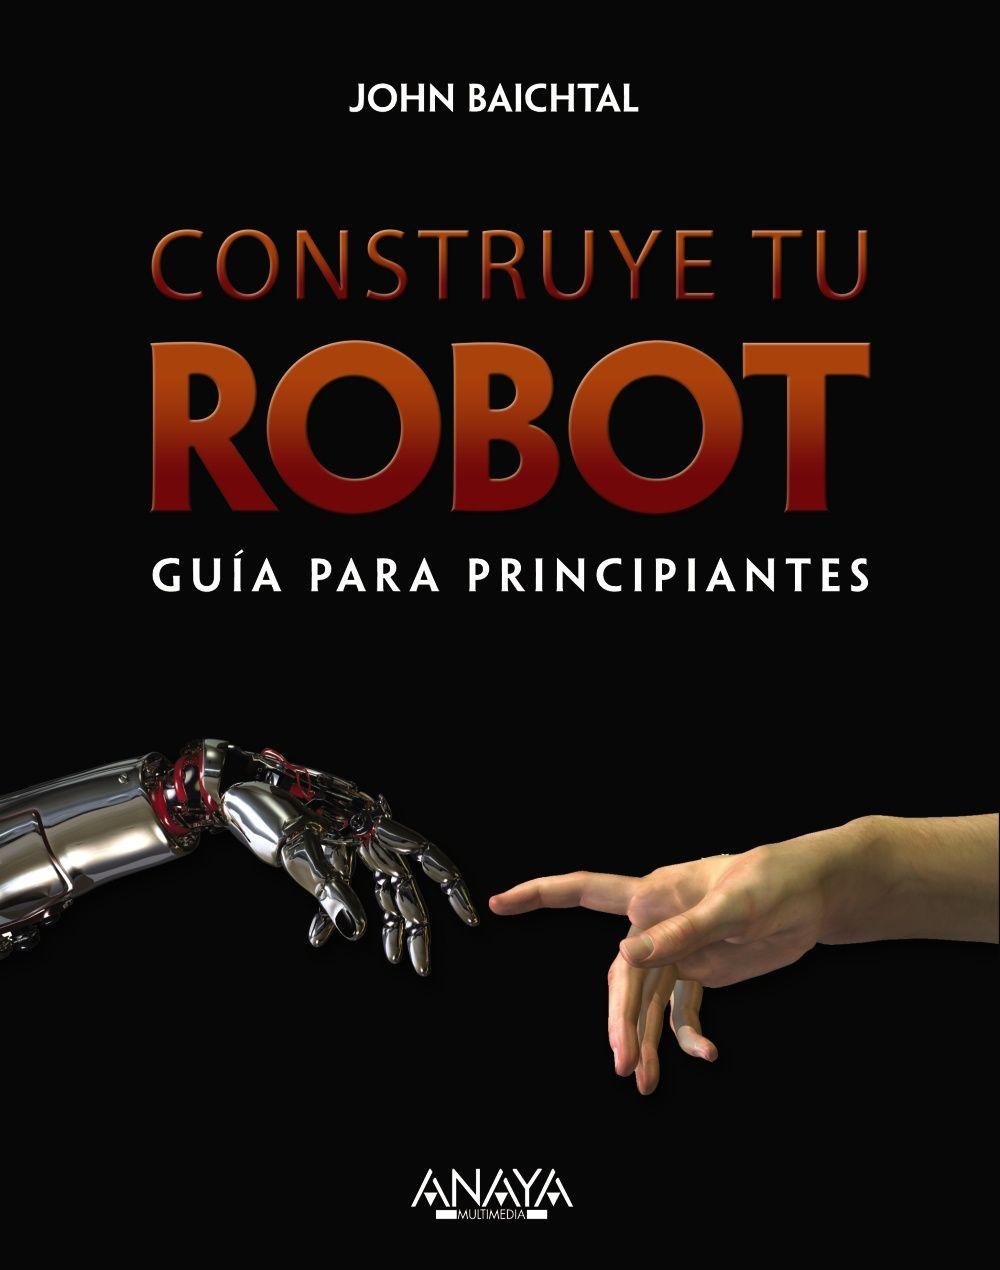 Construye tu robot guía para principiantes john